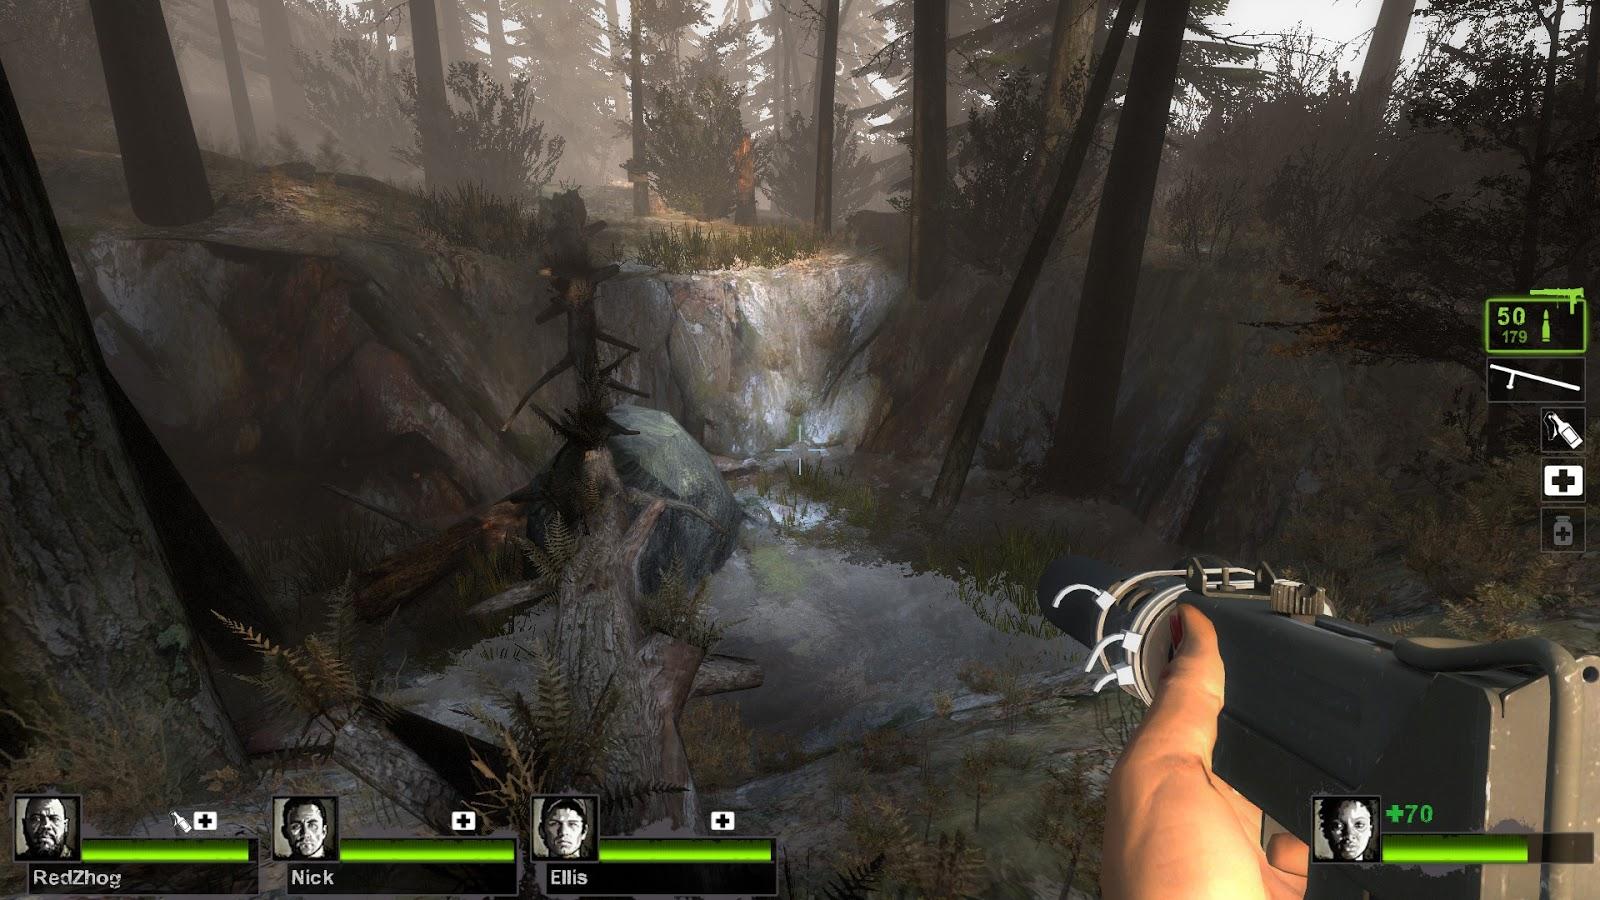 Download Left 4 Dead 2 Steam Crack